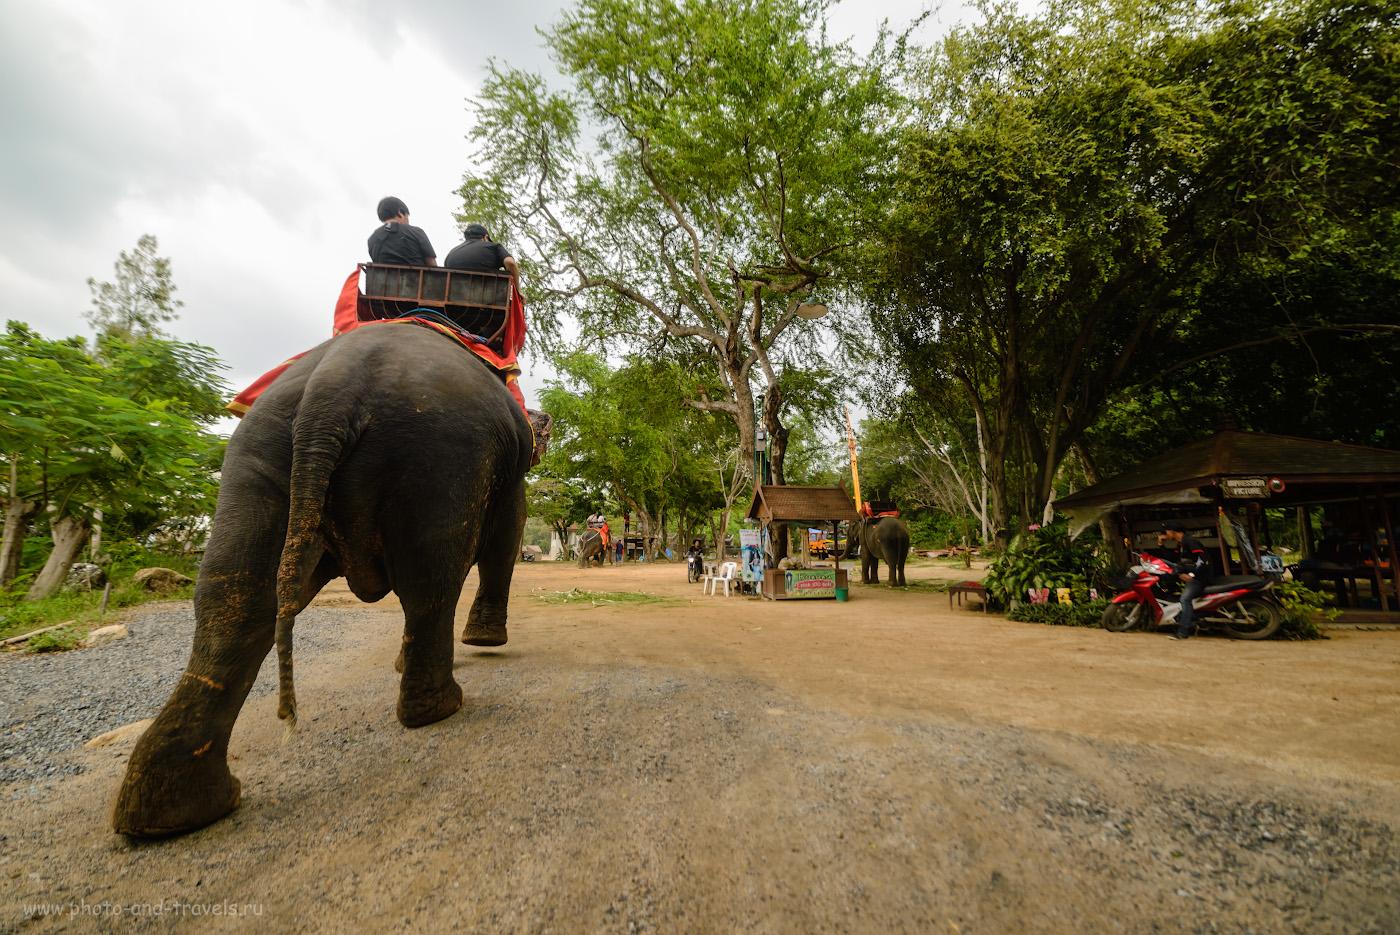 Фото 11. Катание туристов на слонах в парке около Храма Истины в Паттайе. Преимущества отдыха на этом курорте Таиланда. 1/400, 3.5, 360, 14.